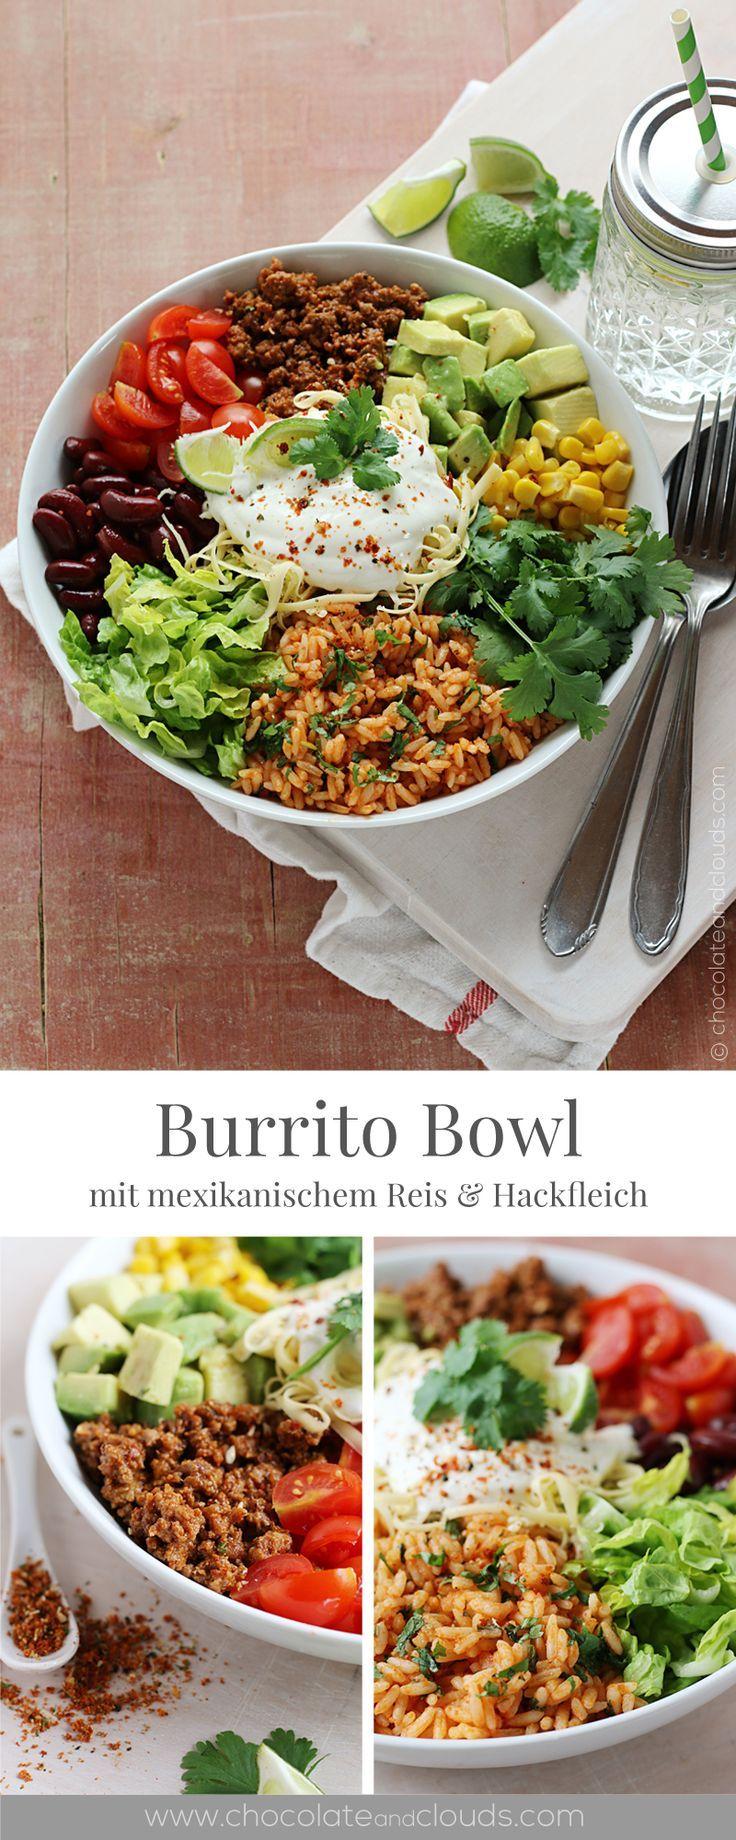 Burrito Bowl rezept mit mexikanischem Reis. Geeignet bei einer #nahrungsmittelun…